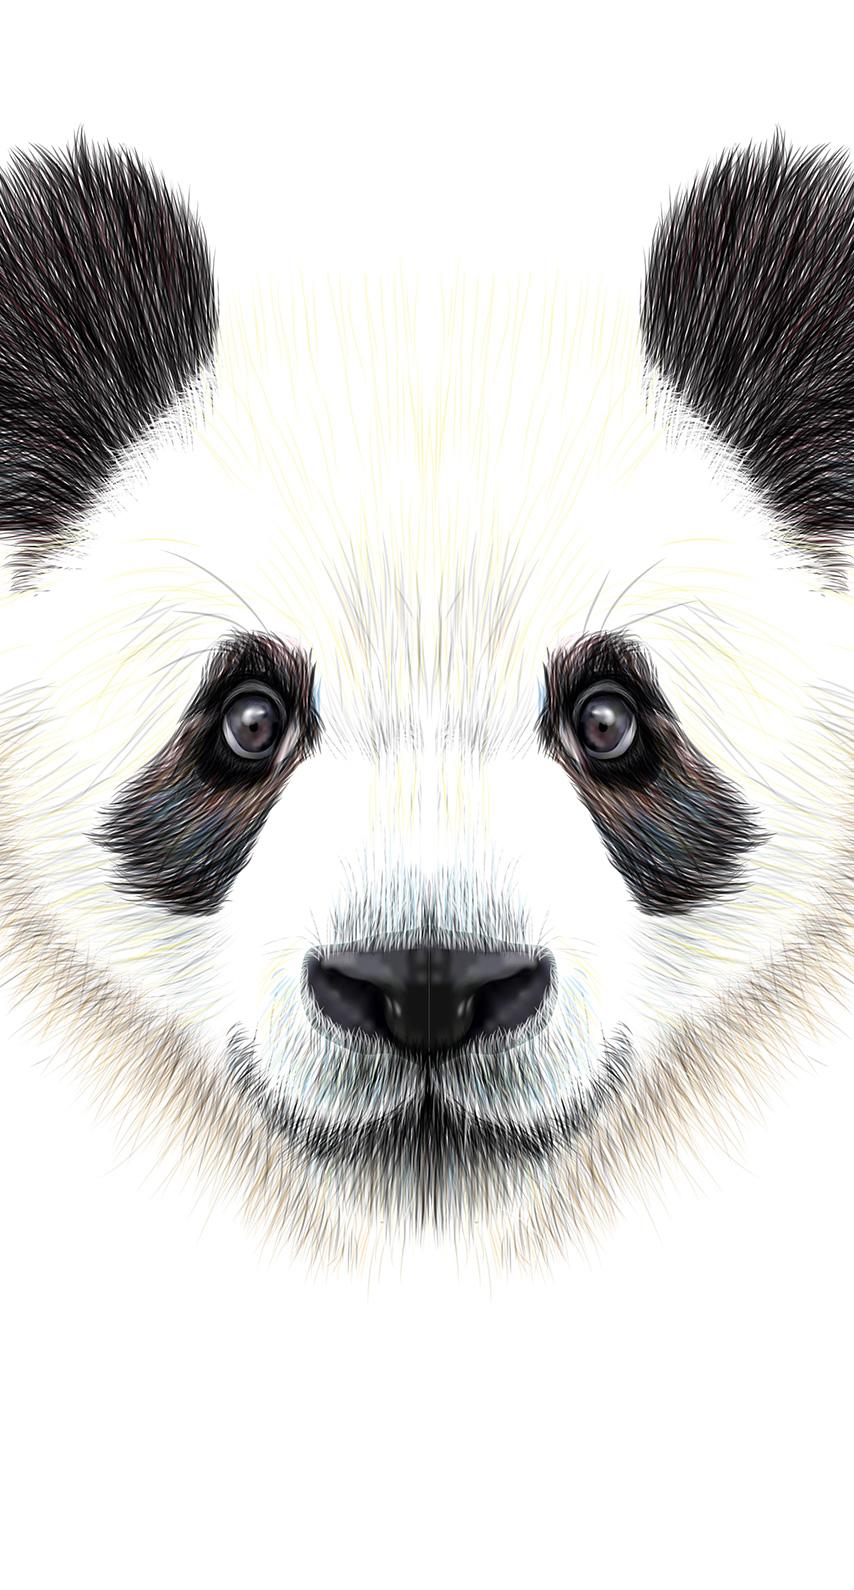 whiskers, terrestrial animal